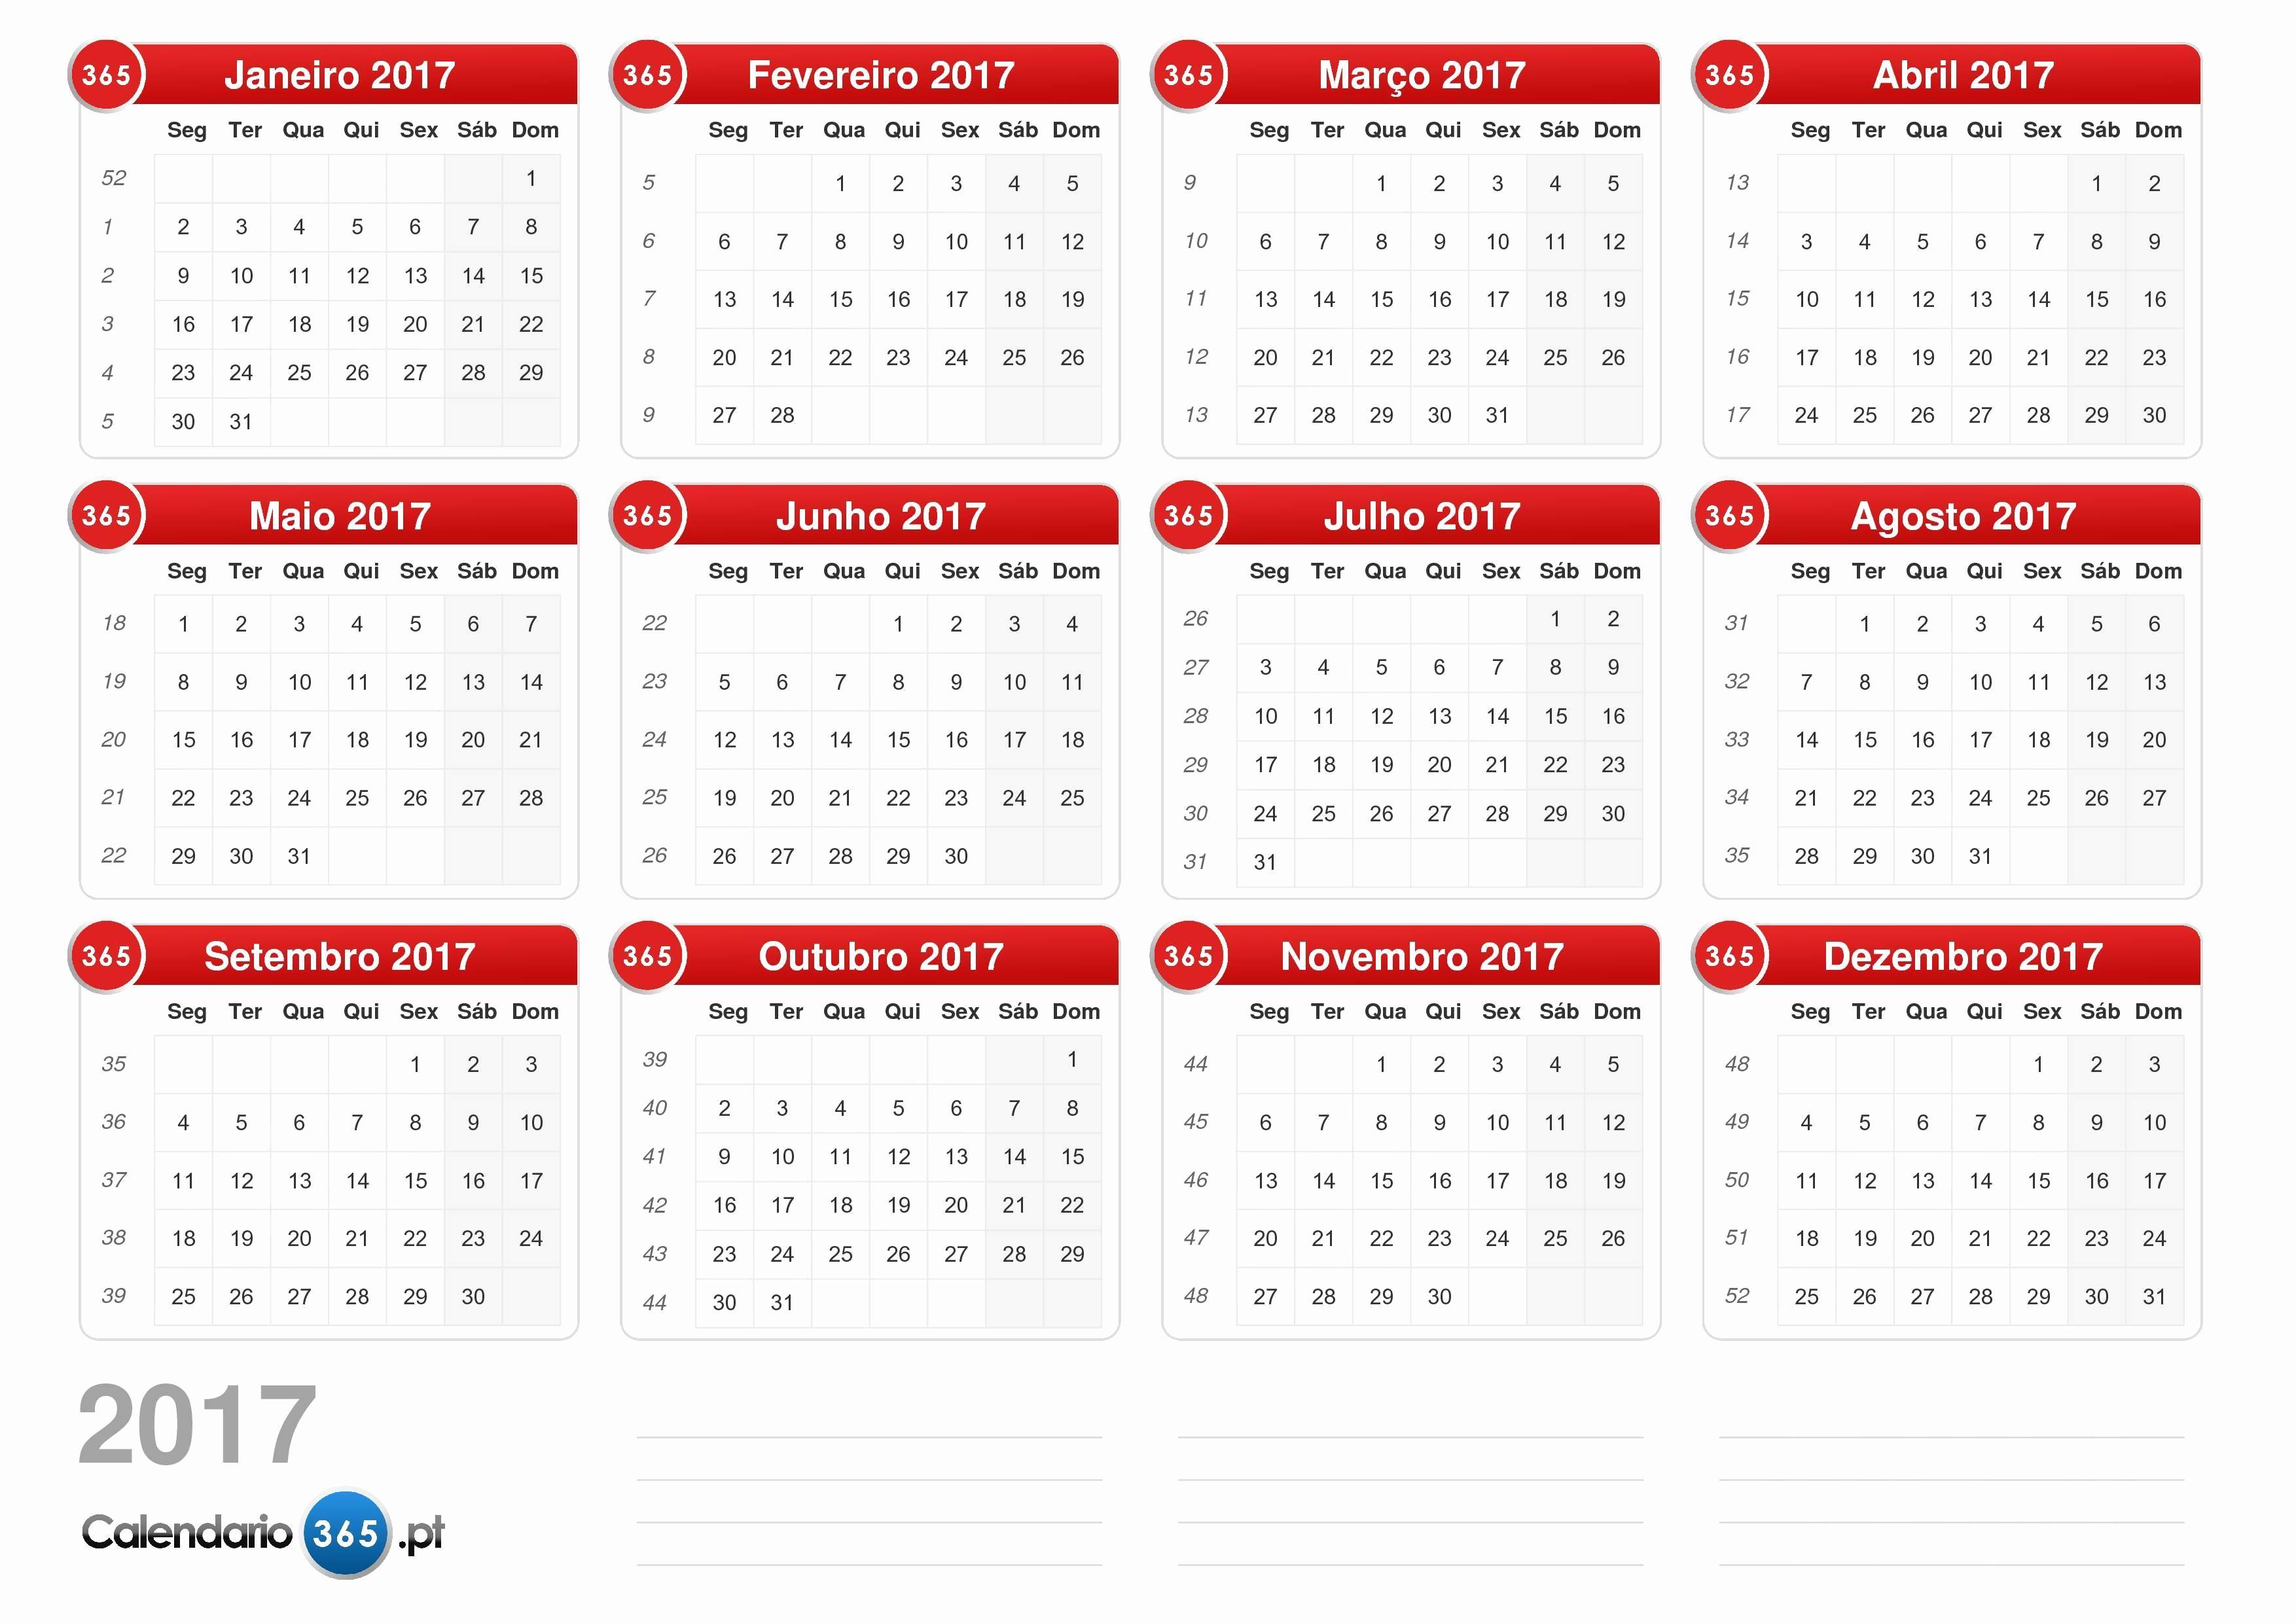 Calendario Anual 2017 Para Imprimir Awesome Calendário 2017